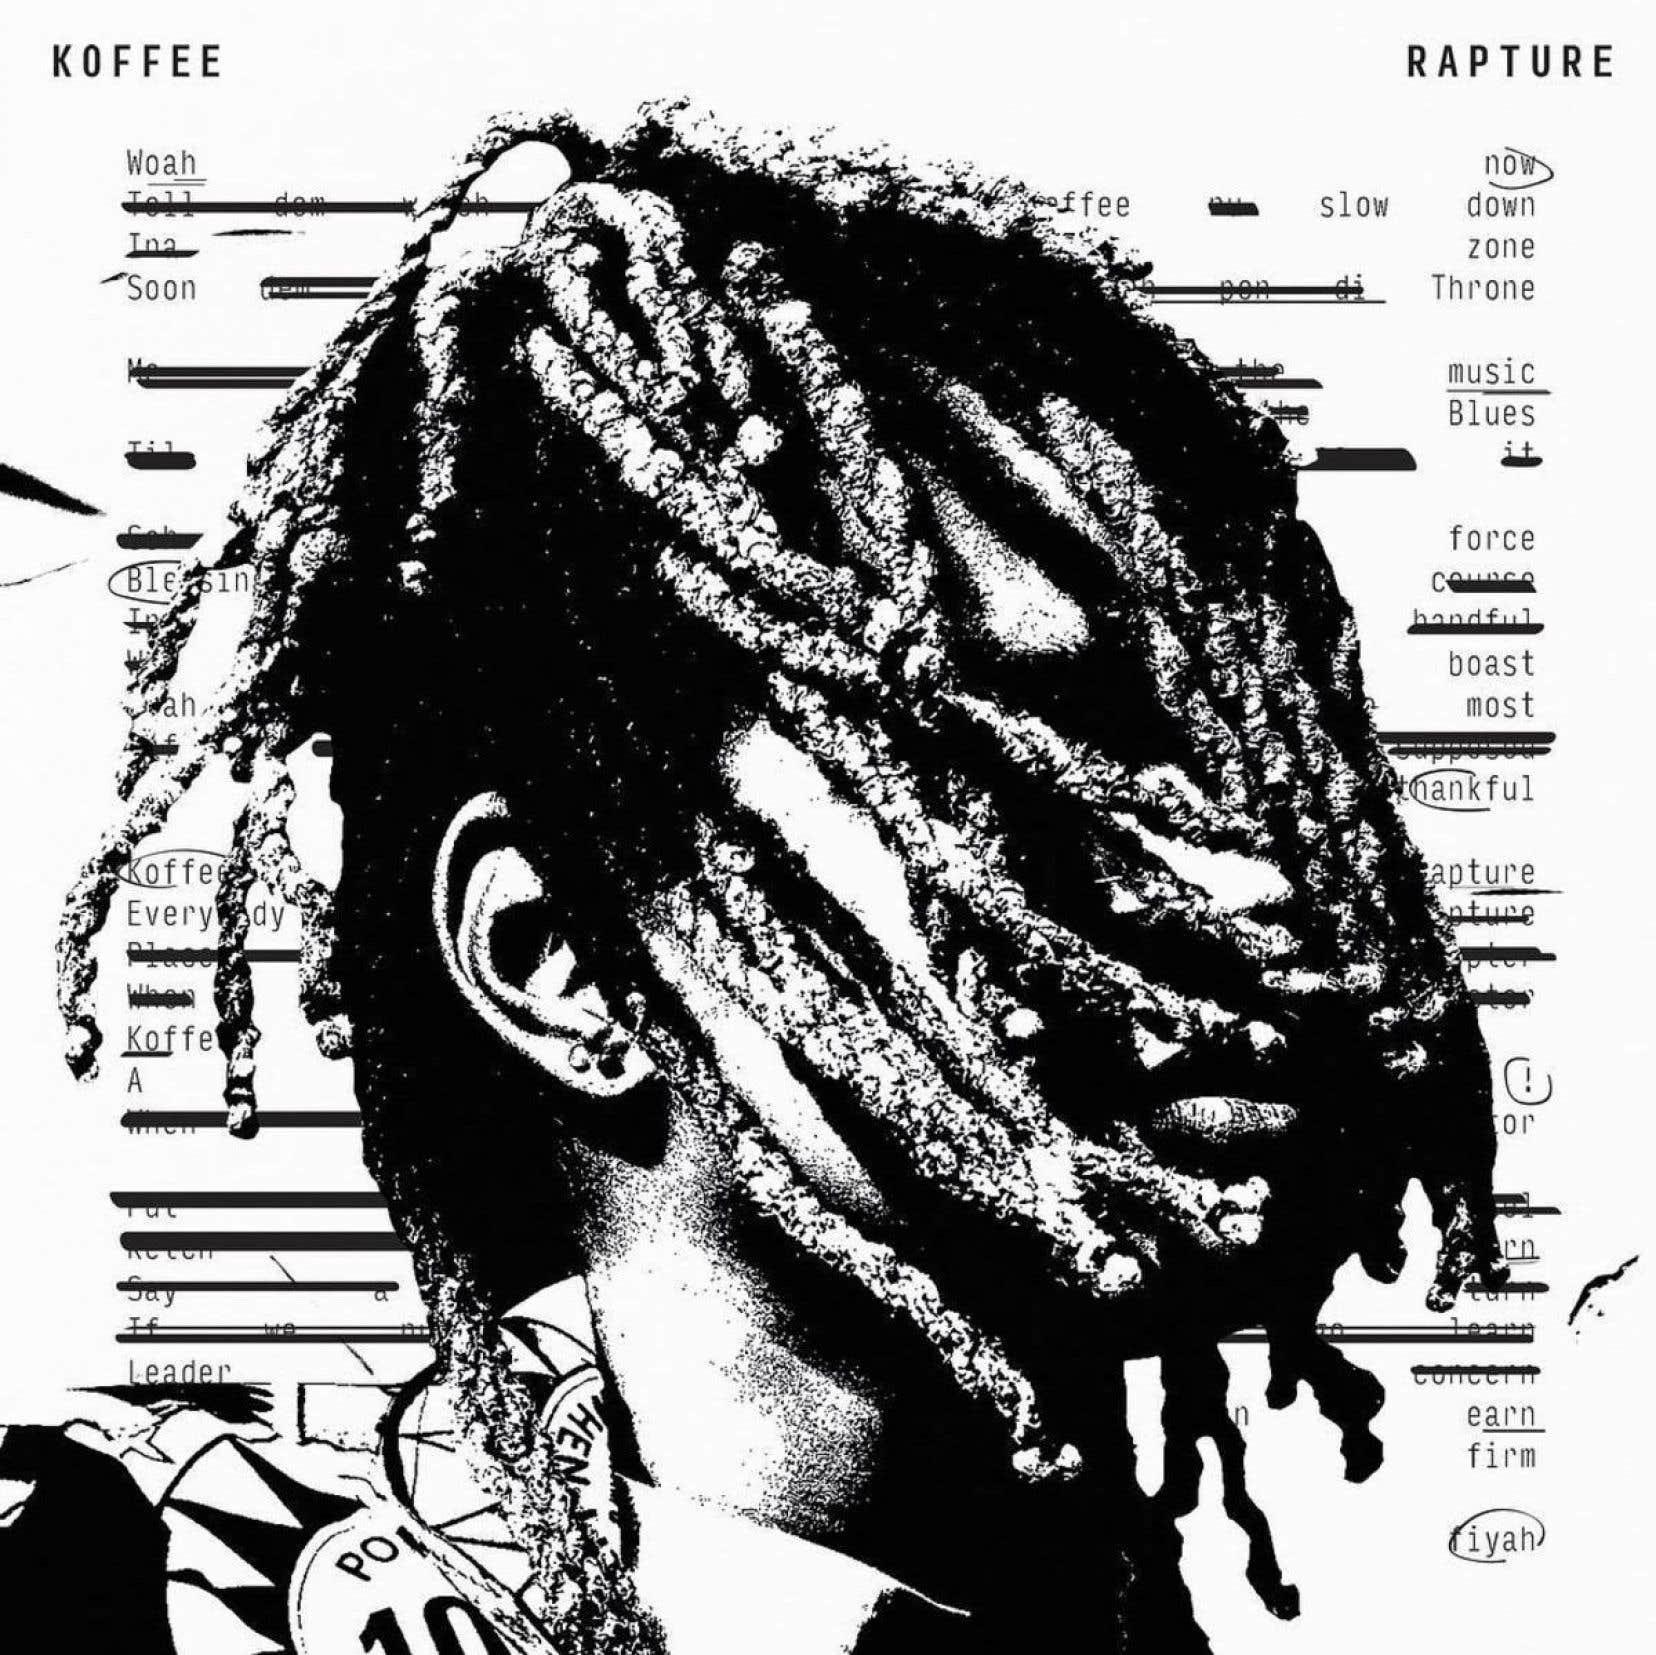 Koffee Rapture